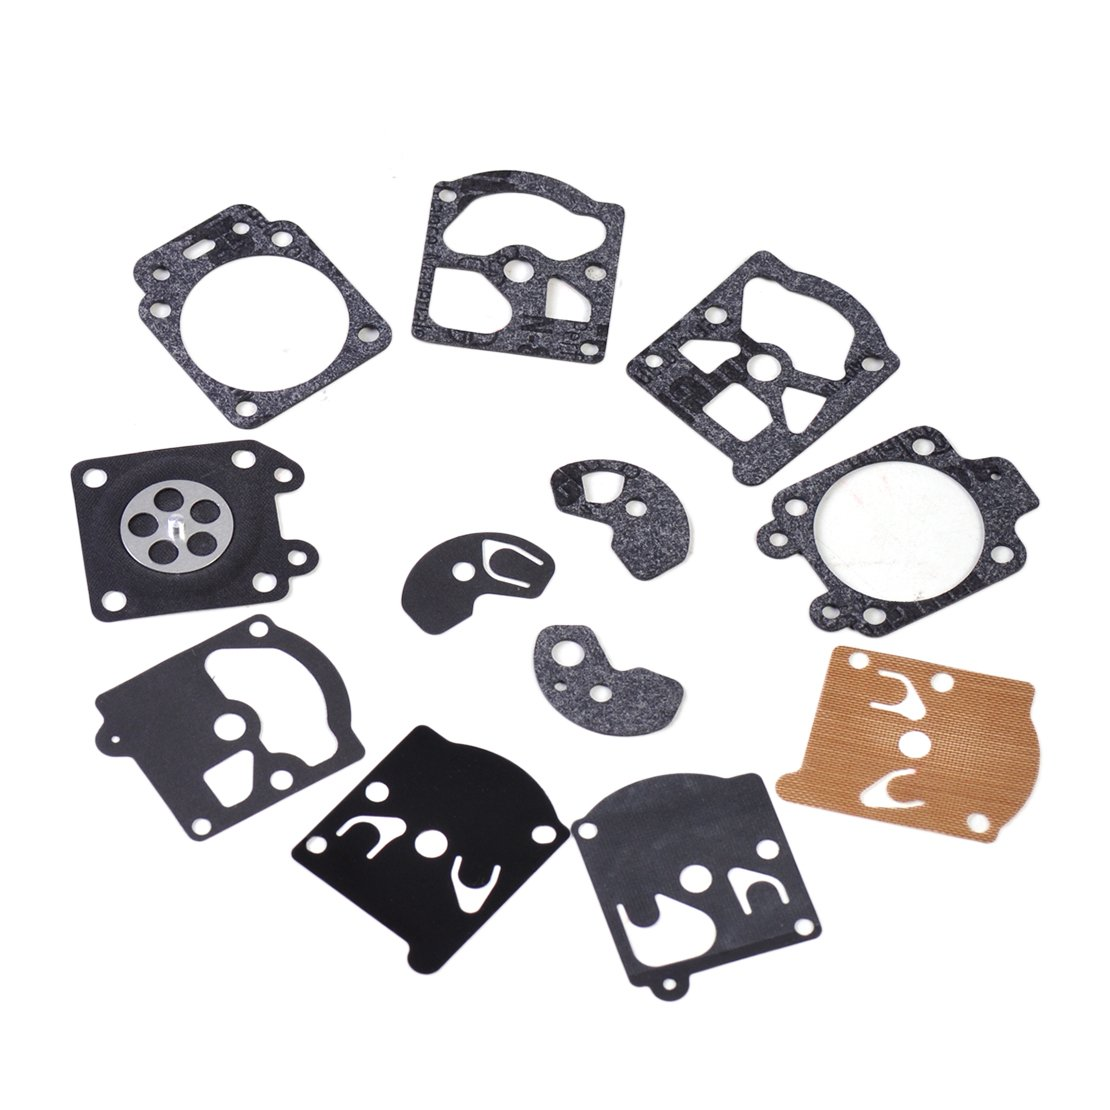 24Pcs Carburador Carb Repair Rebuild Kit de Diafragma de Junta Para Walbro K10-WAT WA WT eastar